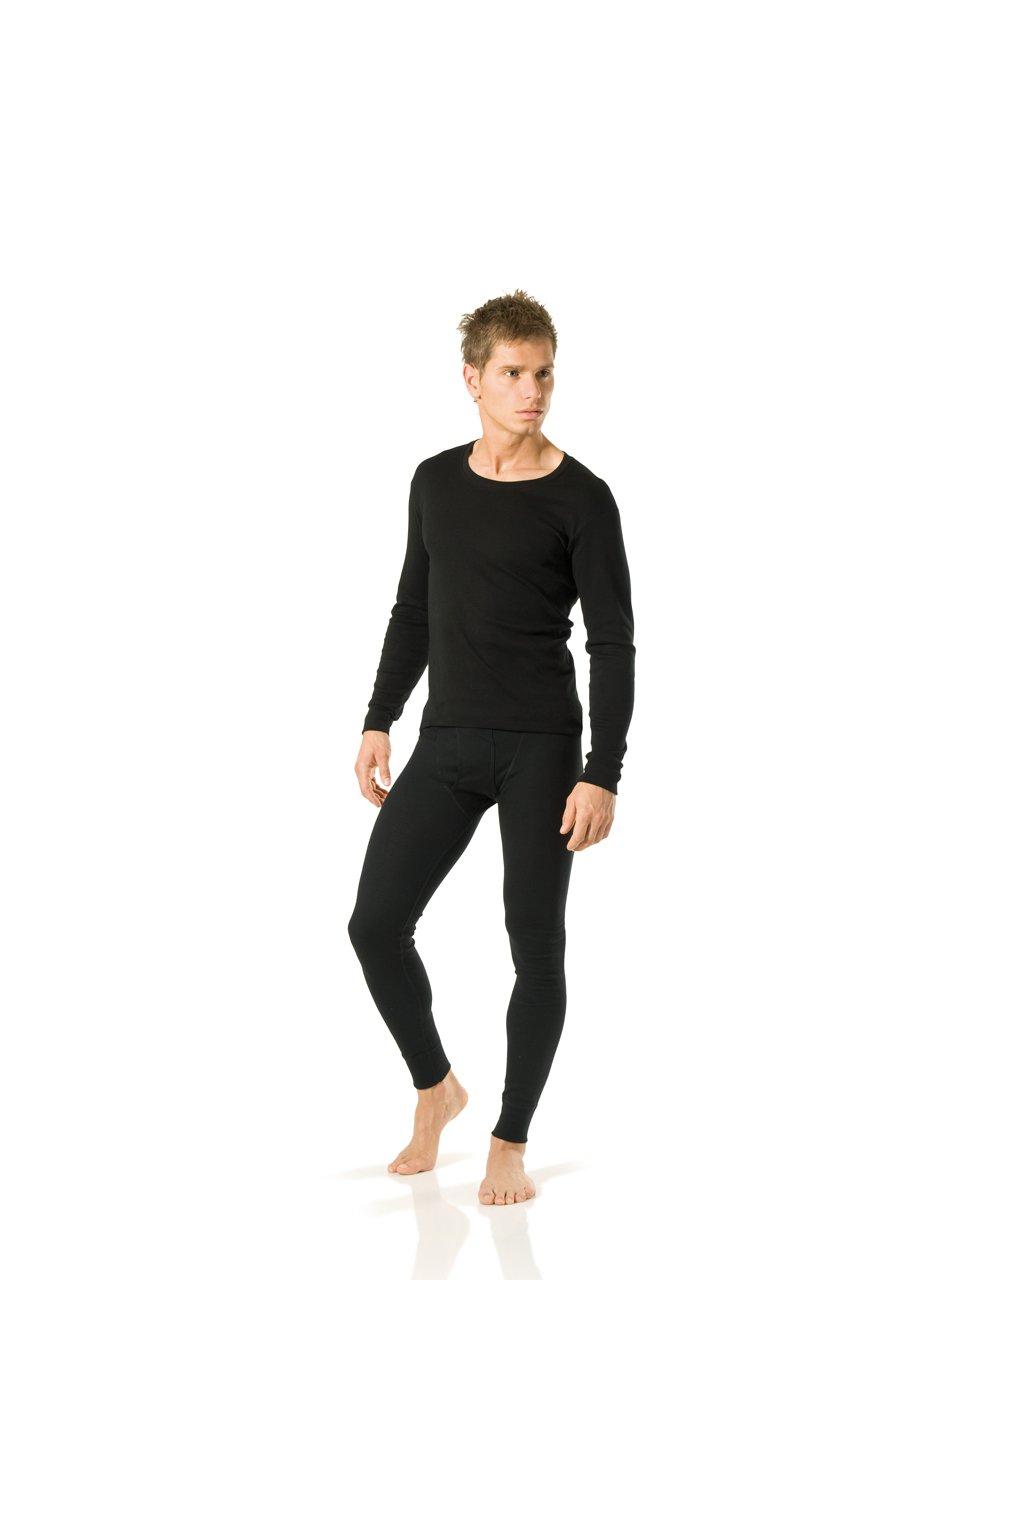 Chlapecké tričko s dlouhým rukávem YOUNG FASHION, 60205 29, černá